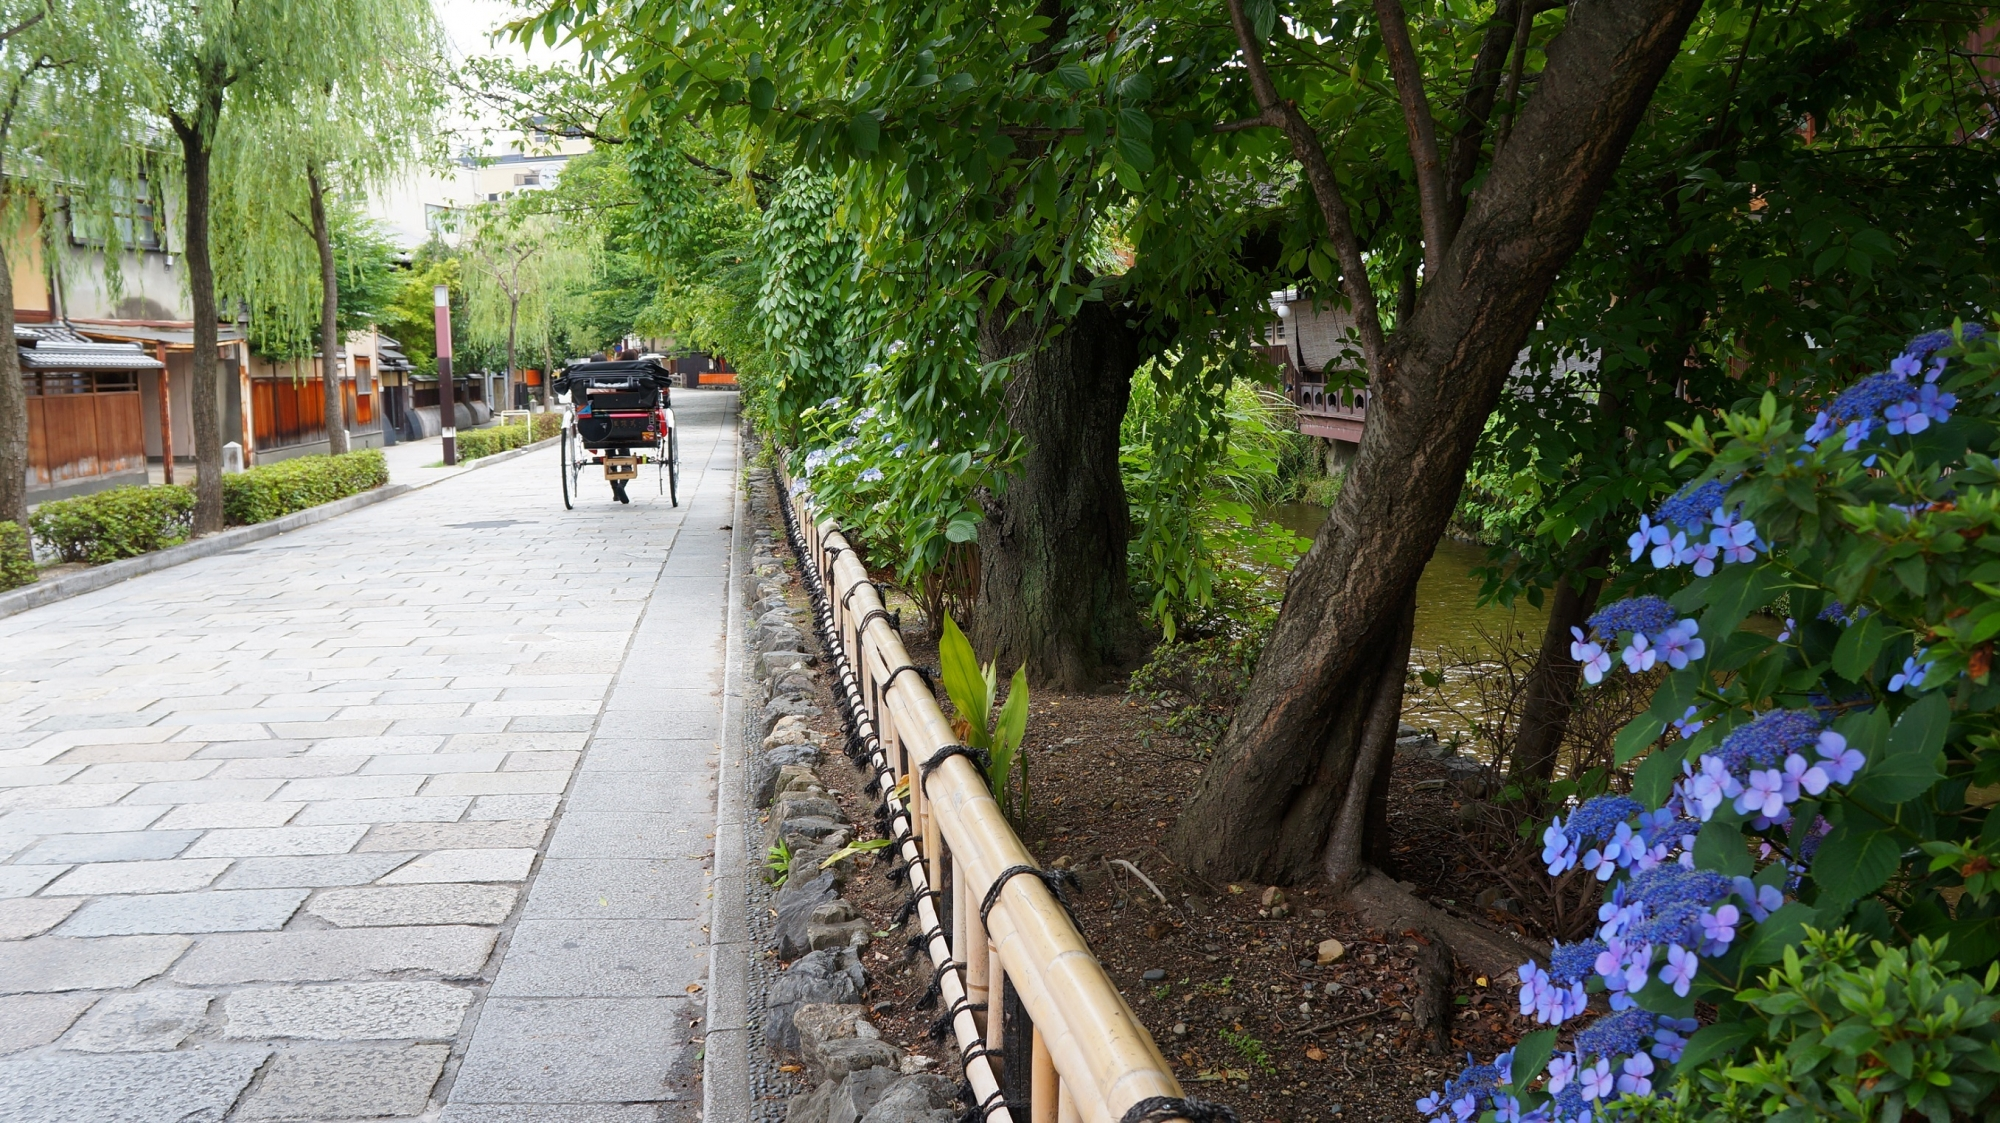 祇園白川 紫陽花 情緒ある街並みと初夏の彩り